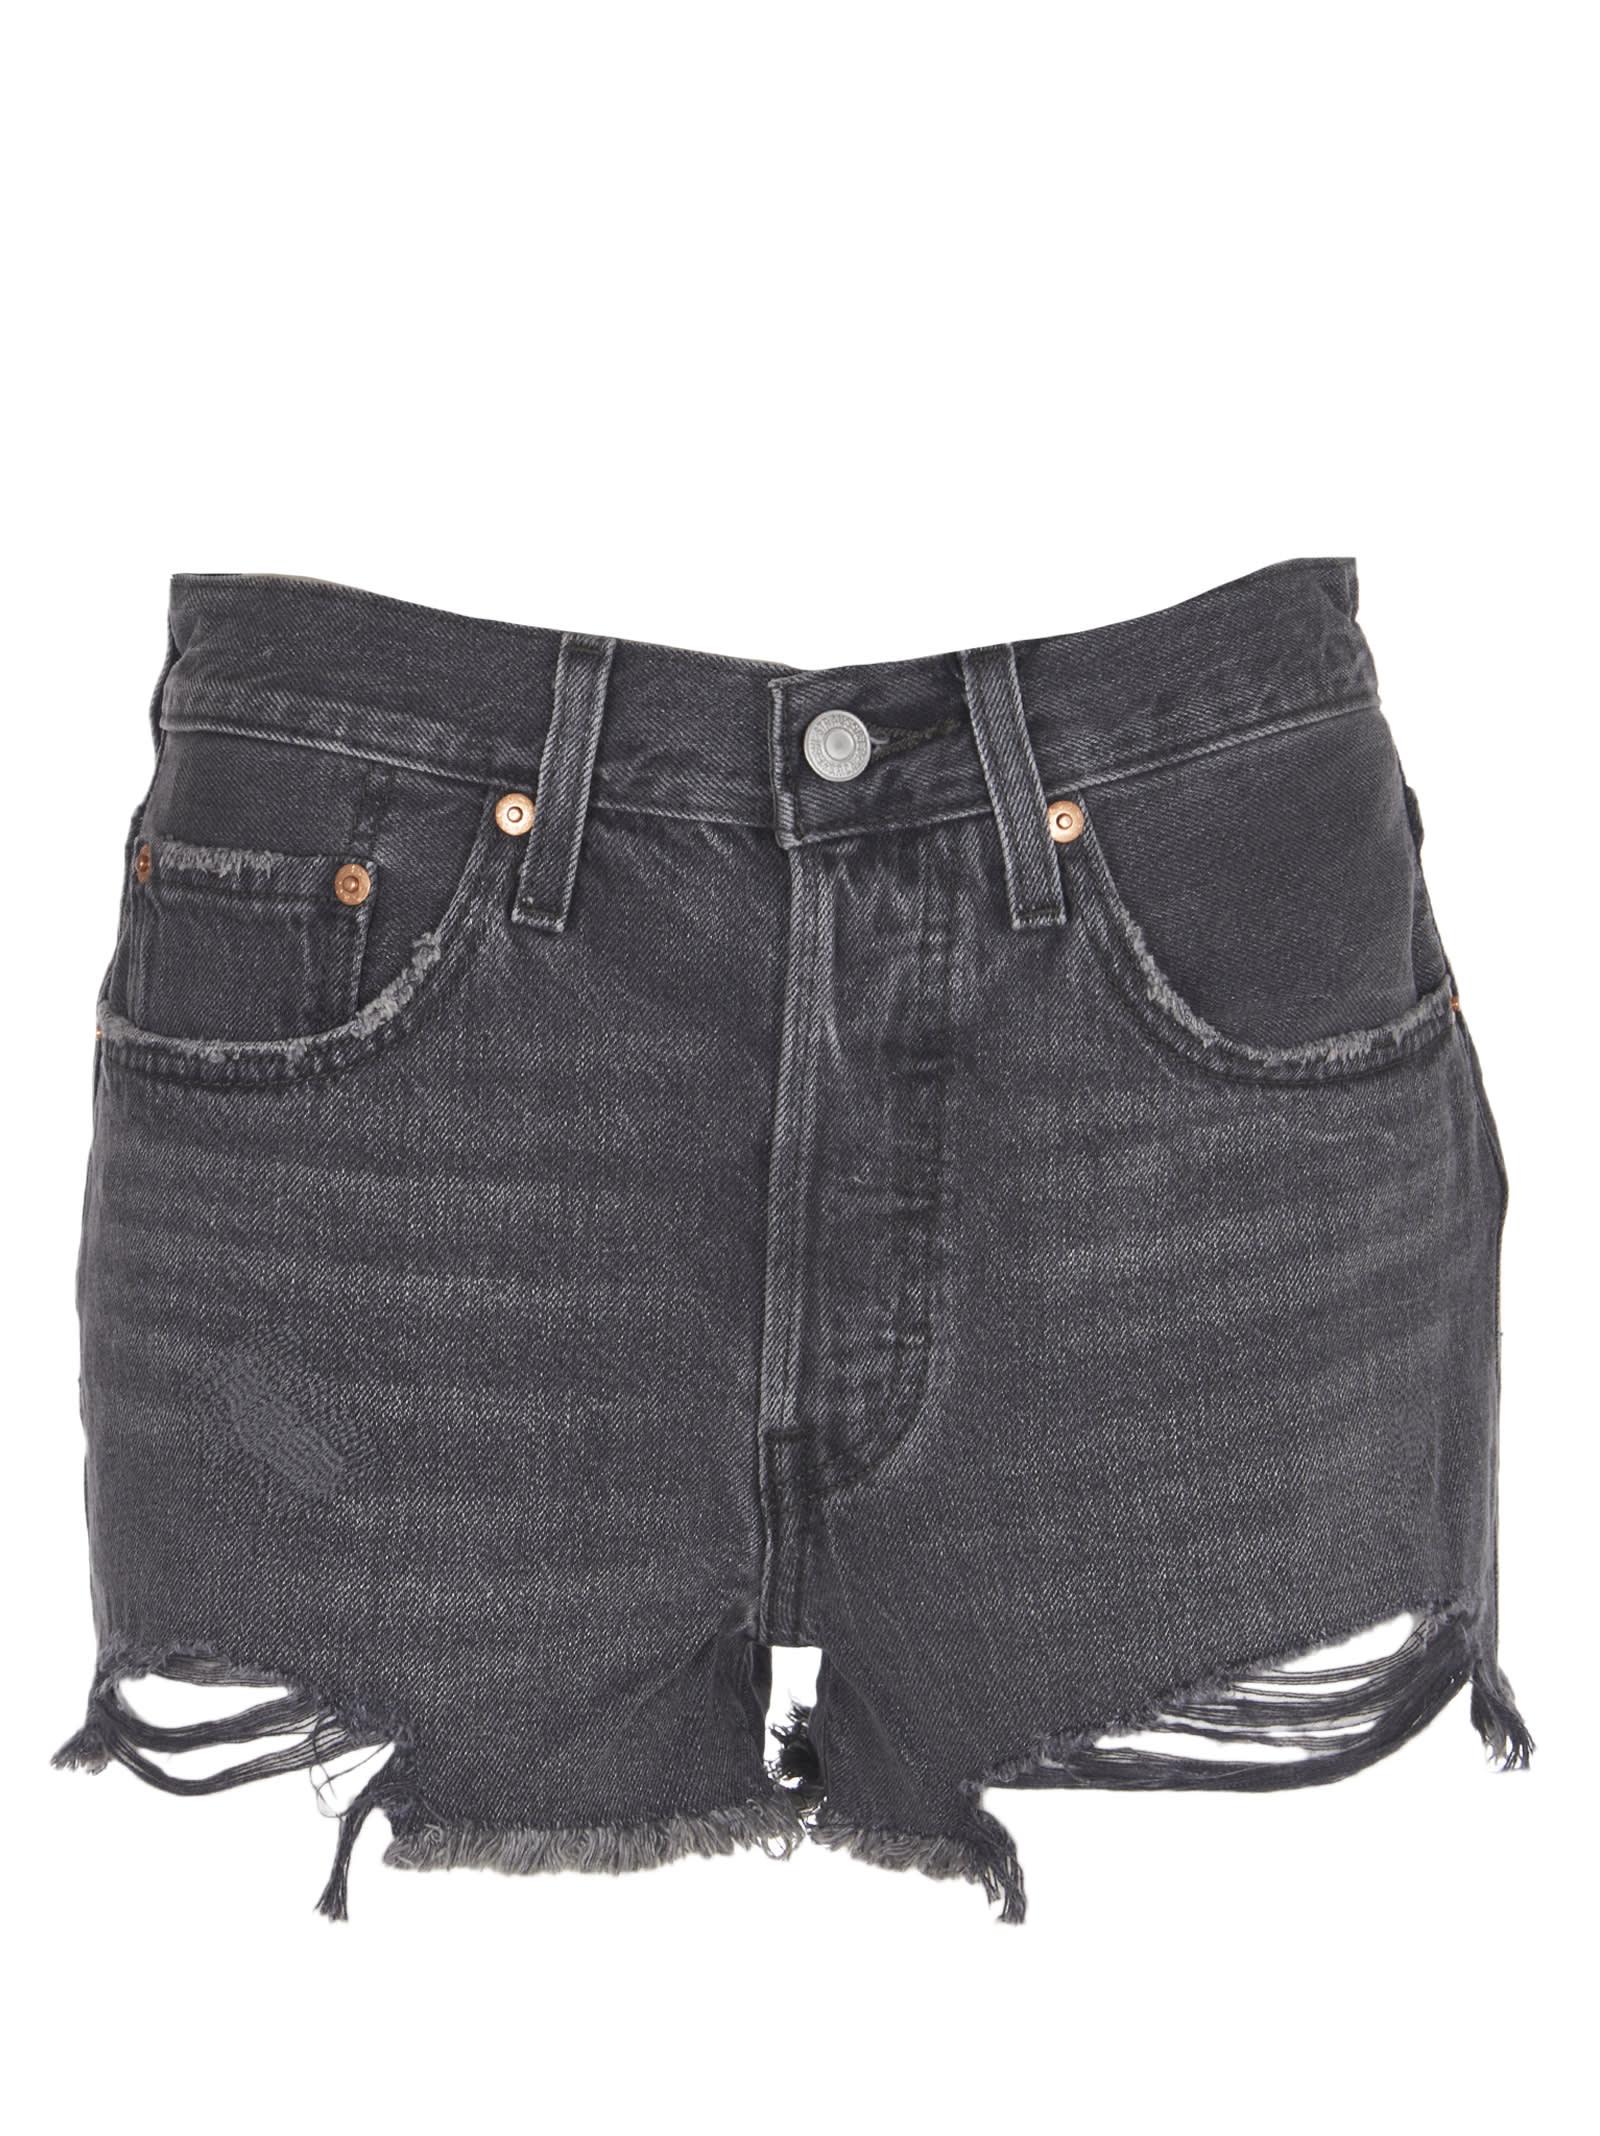 Levis Black 501 Shorts